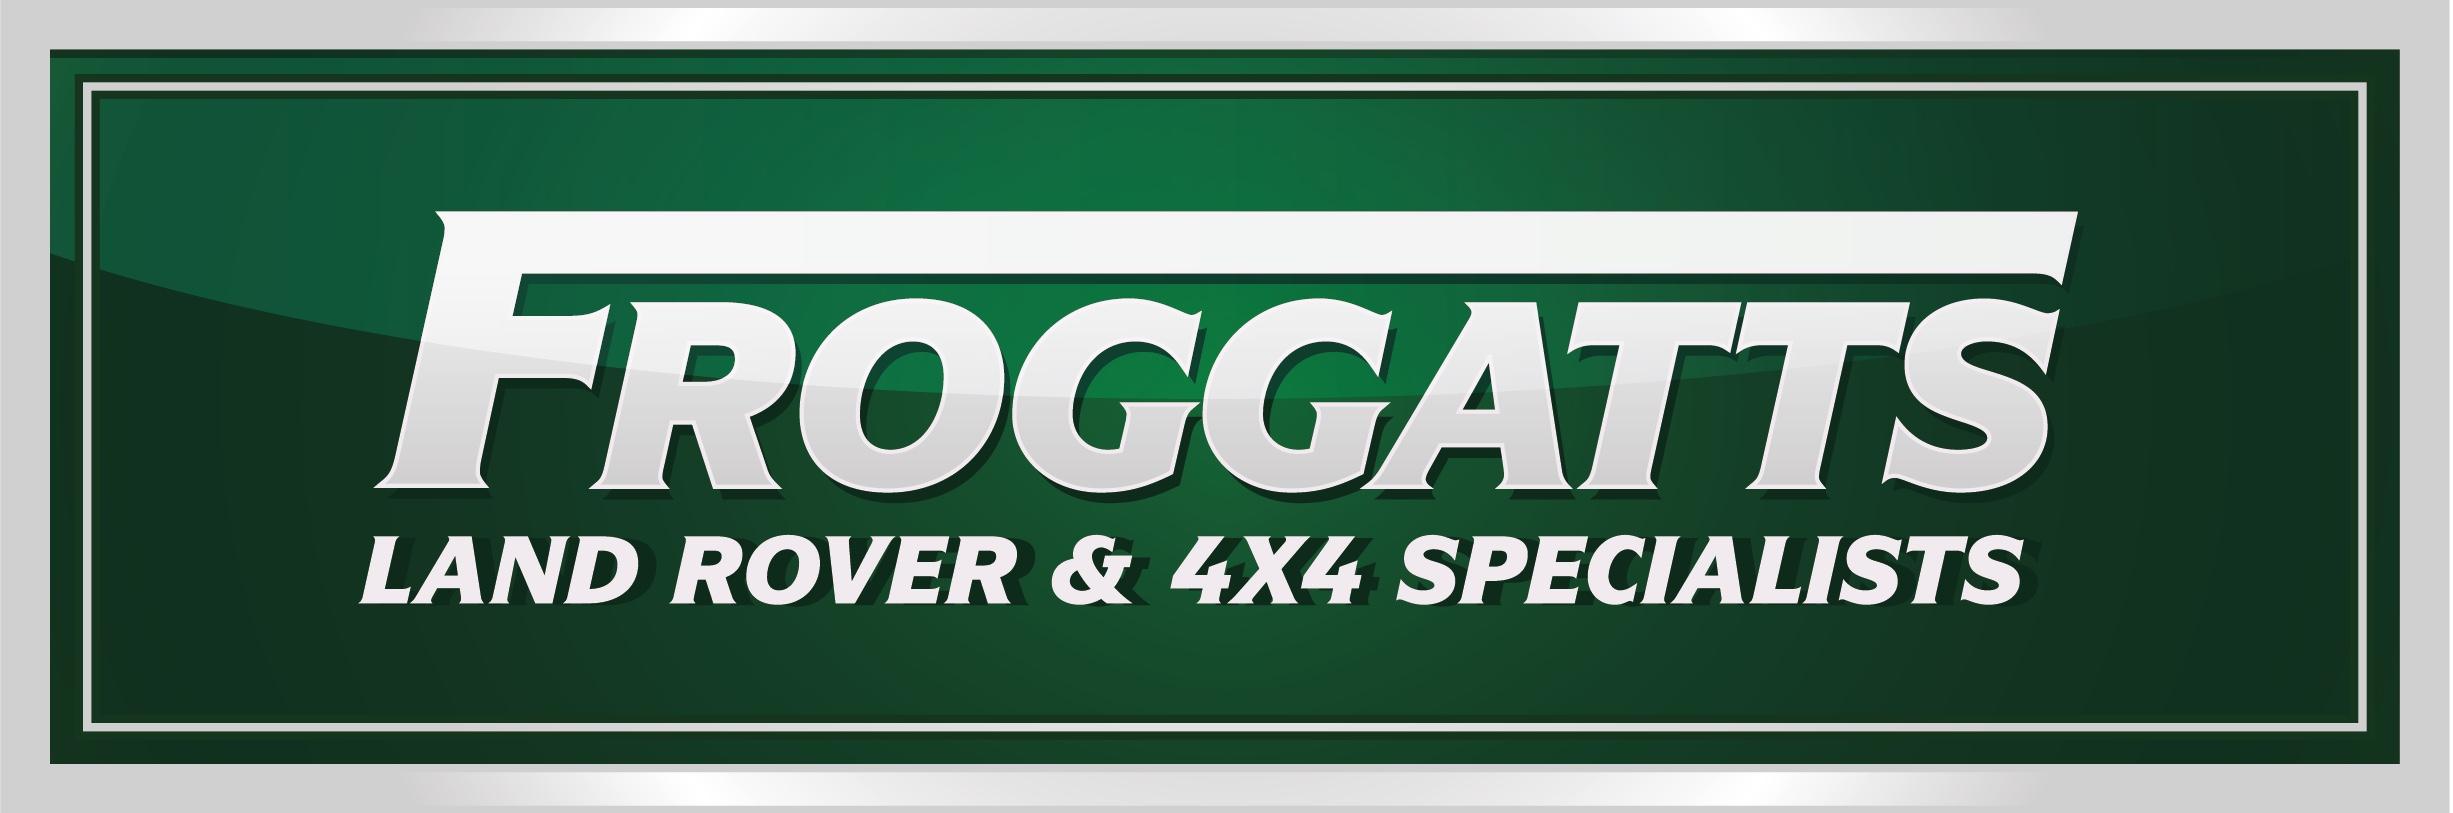 Froggatts Wild Boar Sponsor